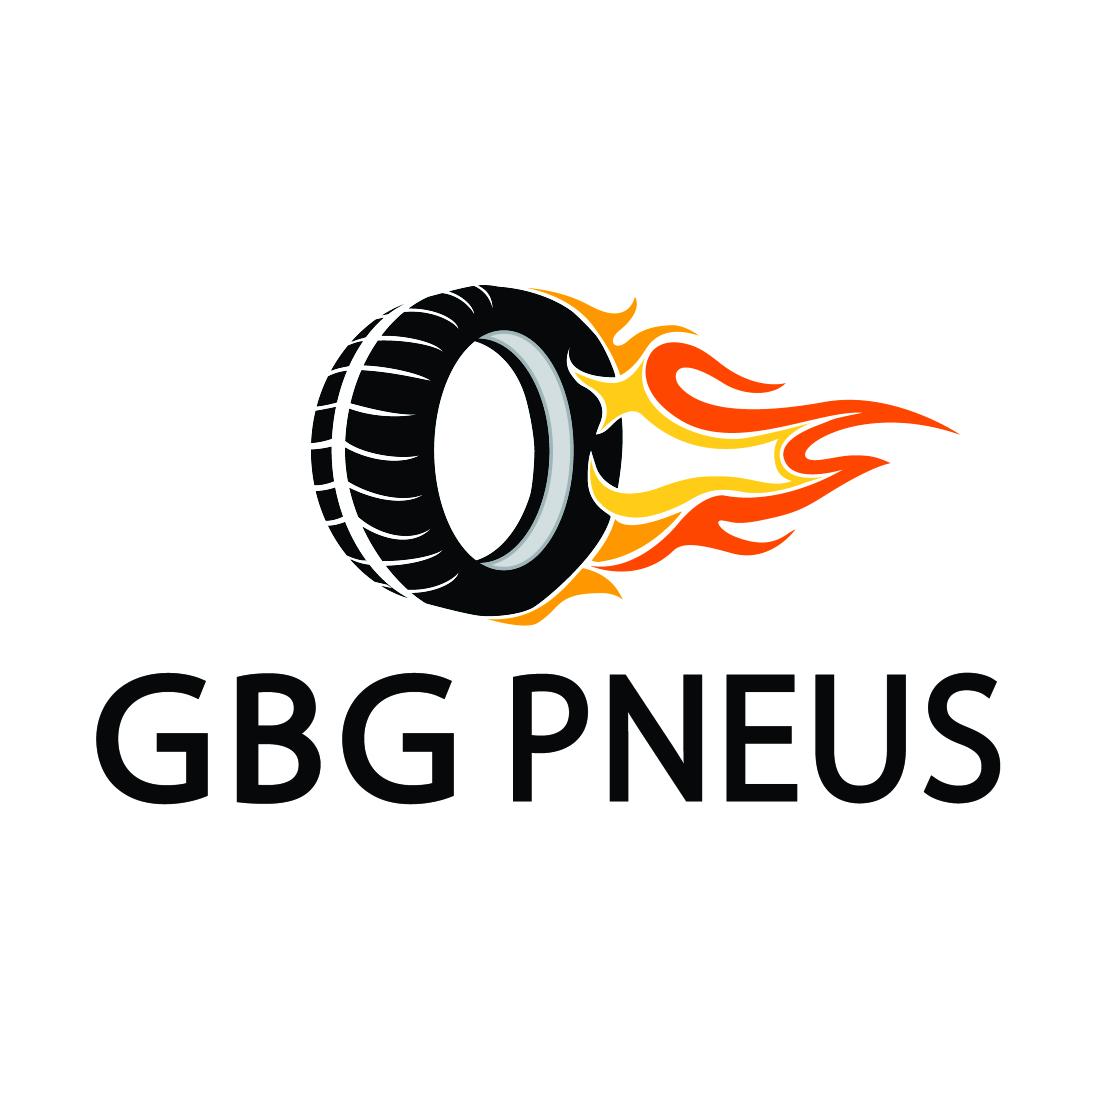 GBG Pneus